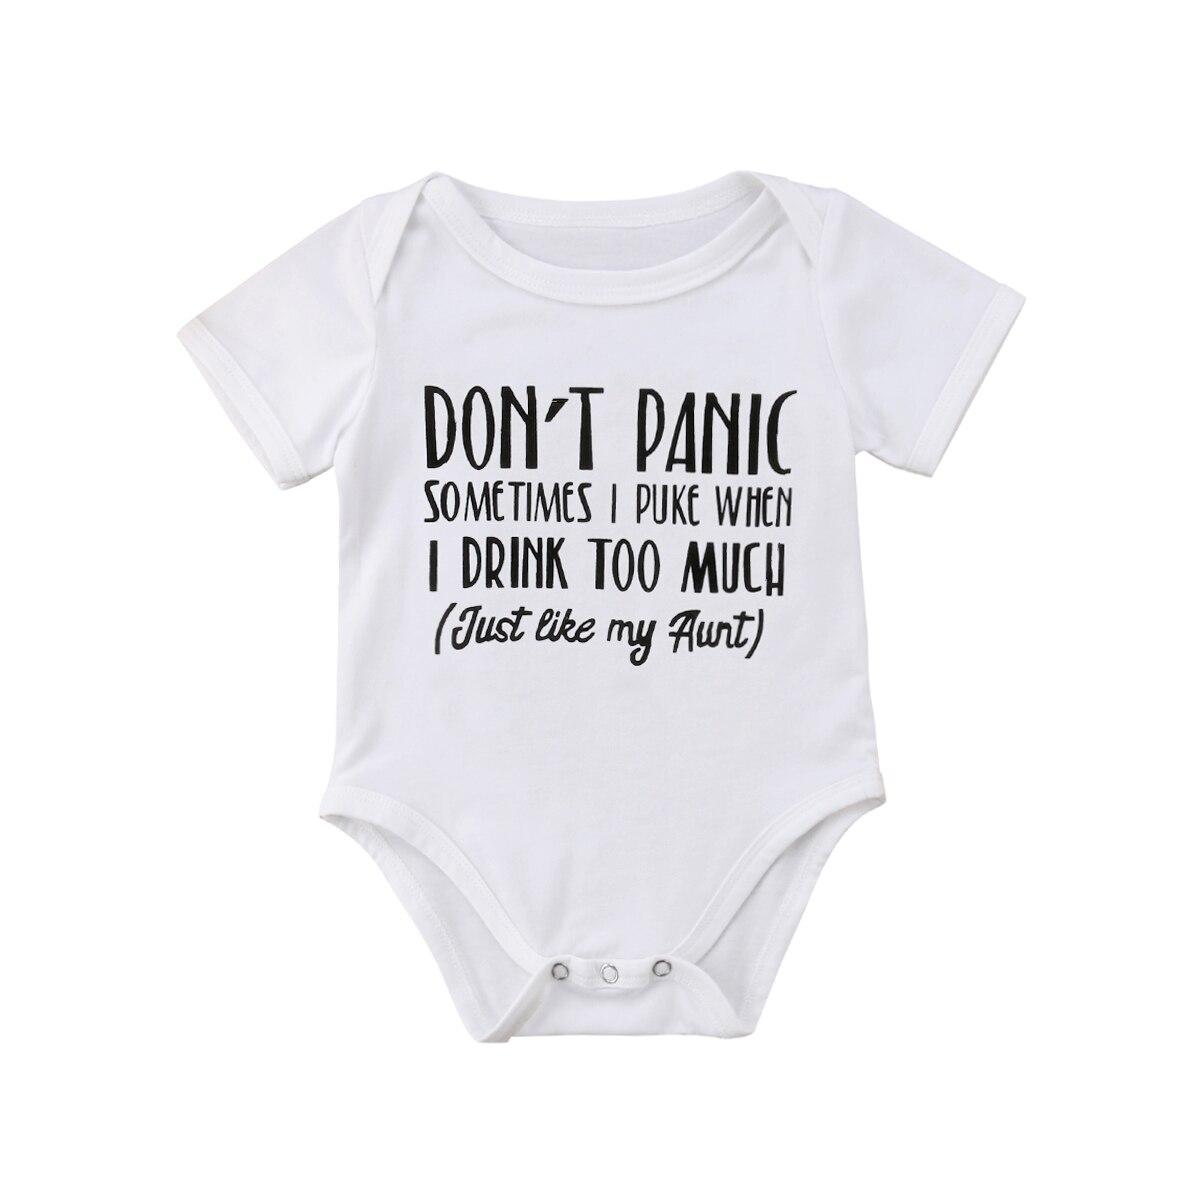 0-18 Mt Neugeborenen Baby Junge Mädchen Kurzarm Brief Drucken Baumwolle Romper Overall Outfits Casual Kleidung